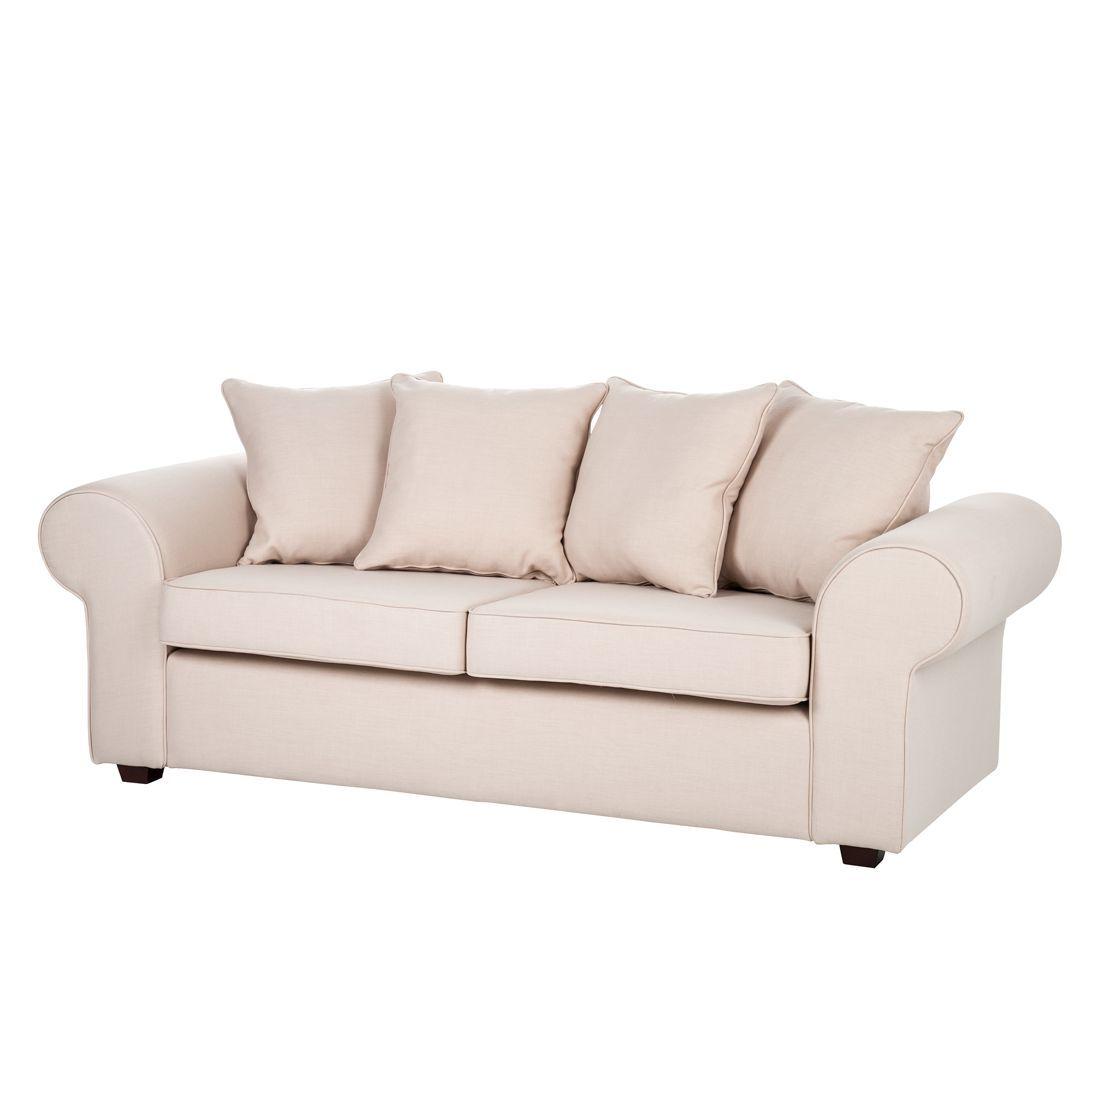 Sofa Colmar 3 Sitzer Webstoff Beige Maison Belfort Jetzt Bestellen Unter Https Moebel Ladendirekt De Wohnzimmer Sofas 2 Und 3 Si Sofas Sofa Coole Sofas